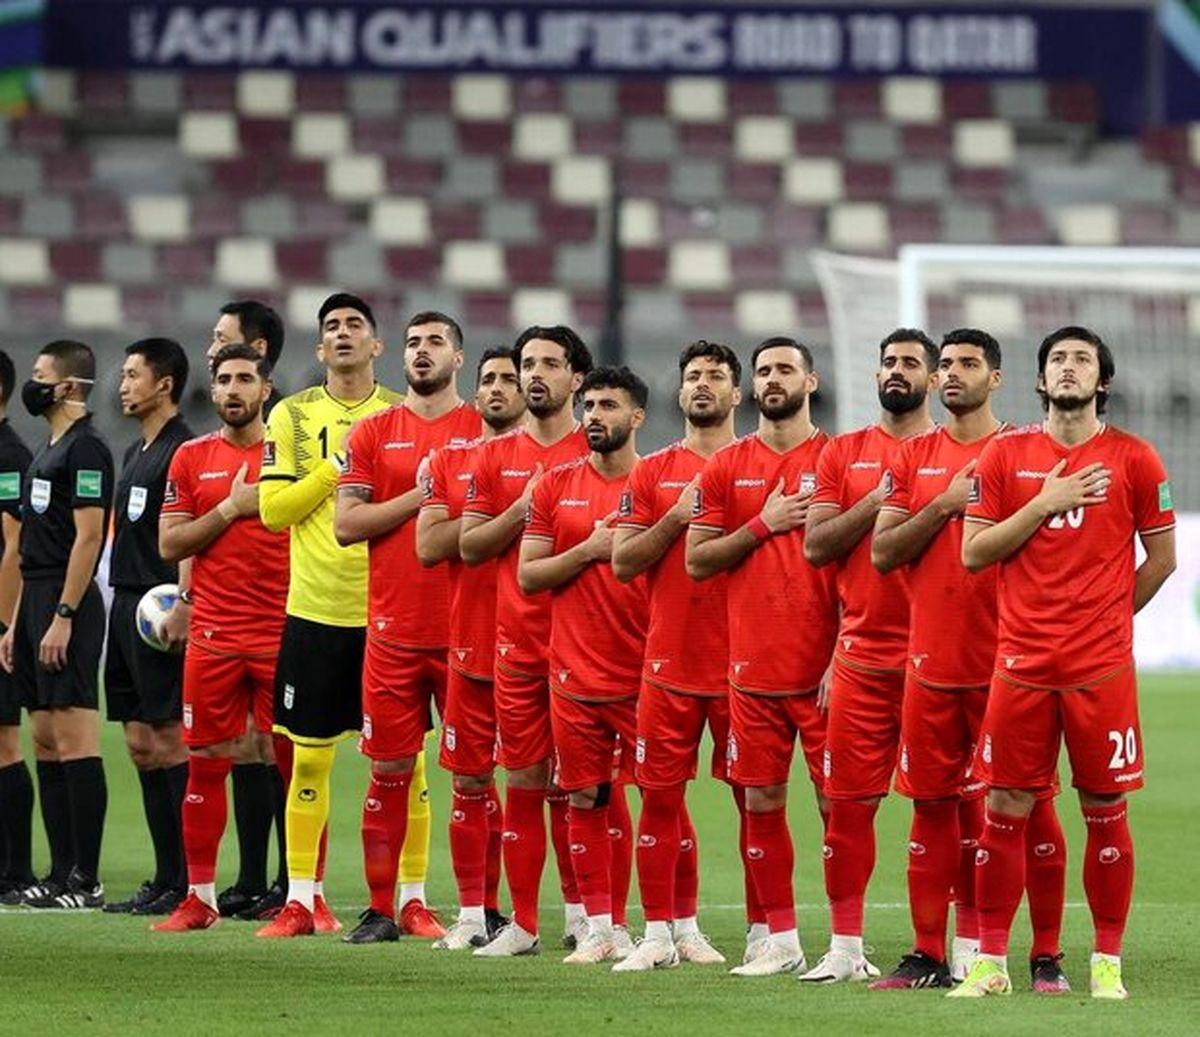 نگاهی به ترکیب احتمالی تیم ملی فوتبال ایران برابرامارات